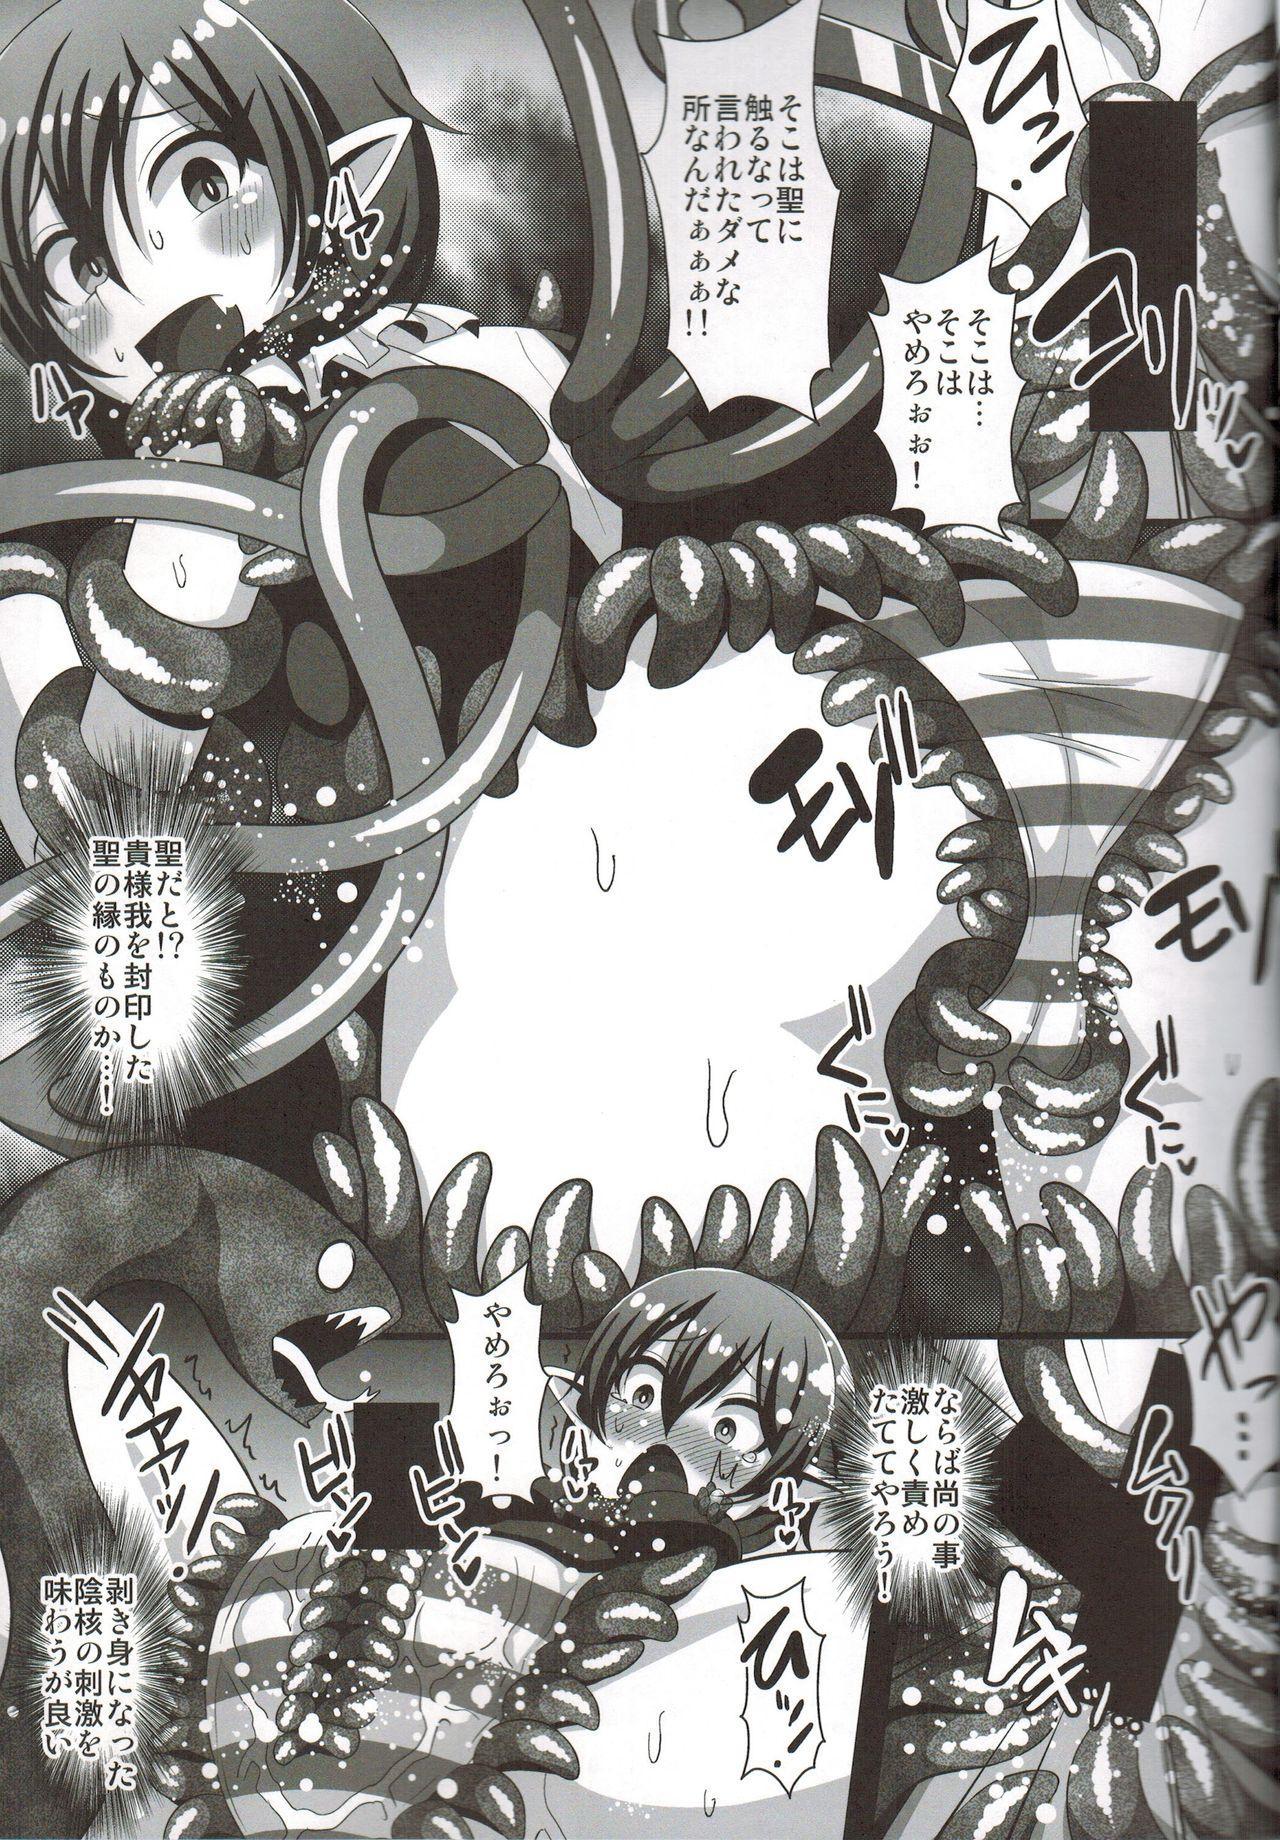 Shokushufuku de Mugen Zecchou 8